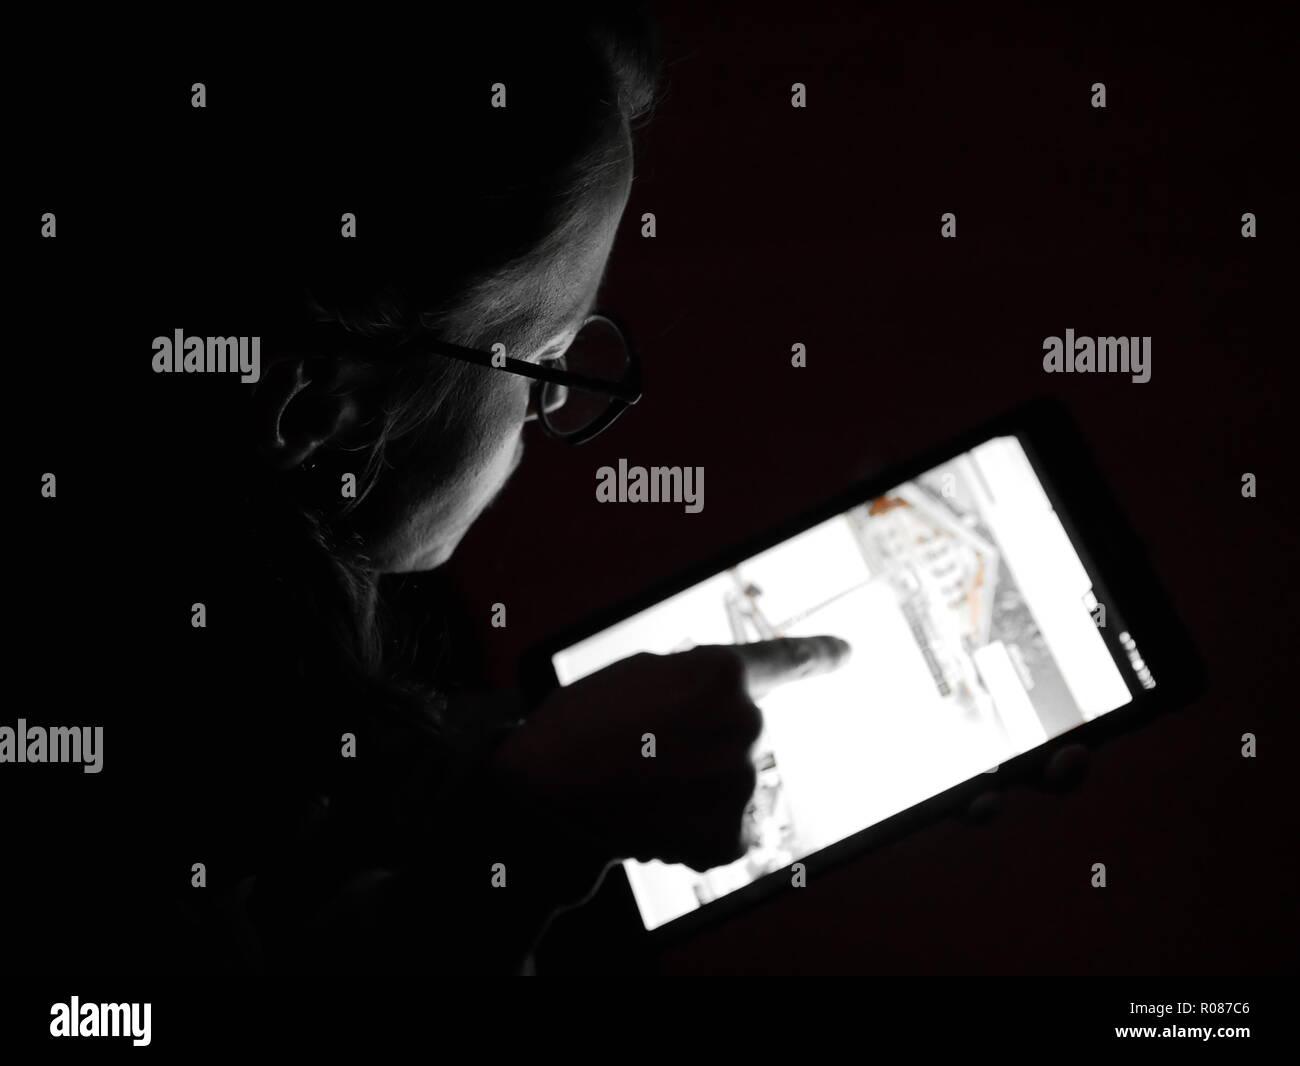 Bild der Frau mit einer Tablette mit einem Finger, wenn es dunkel ist. Stockbild